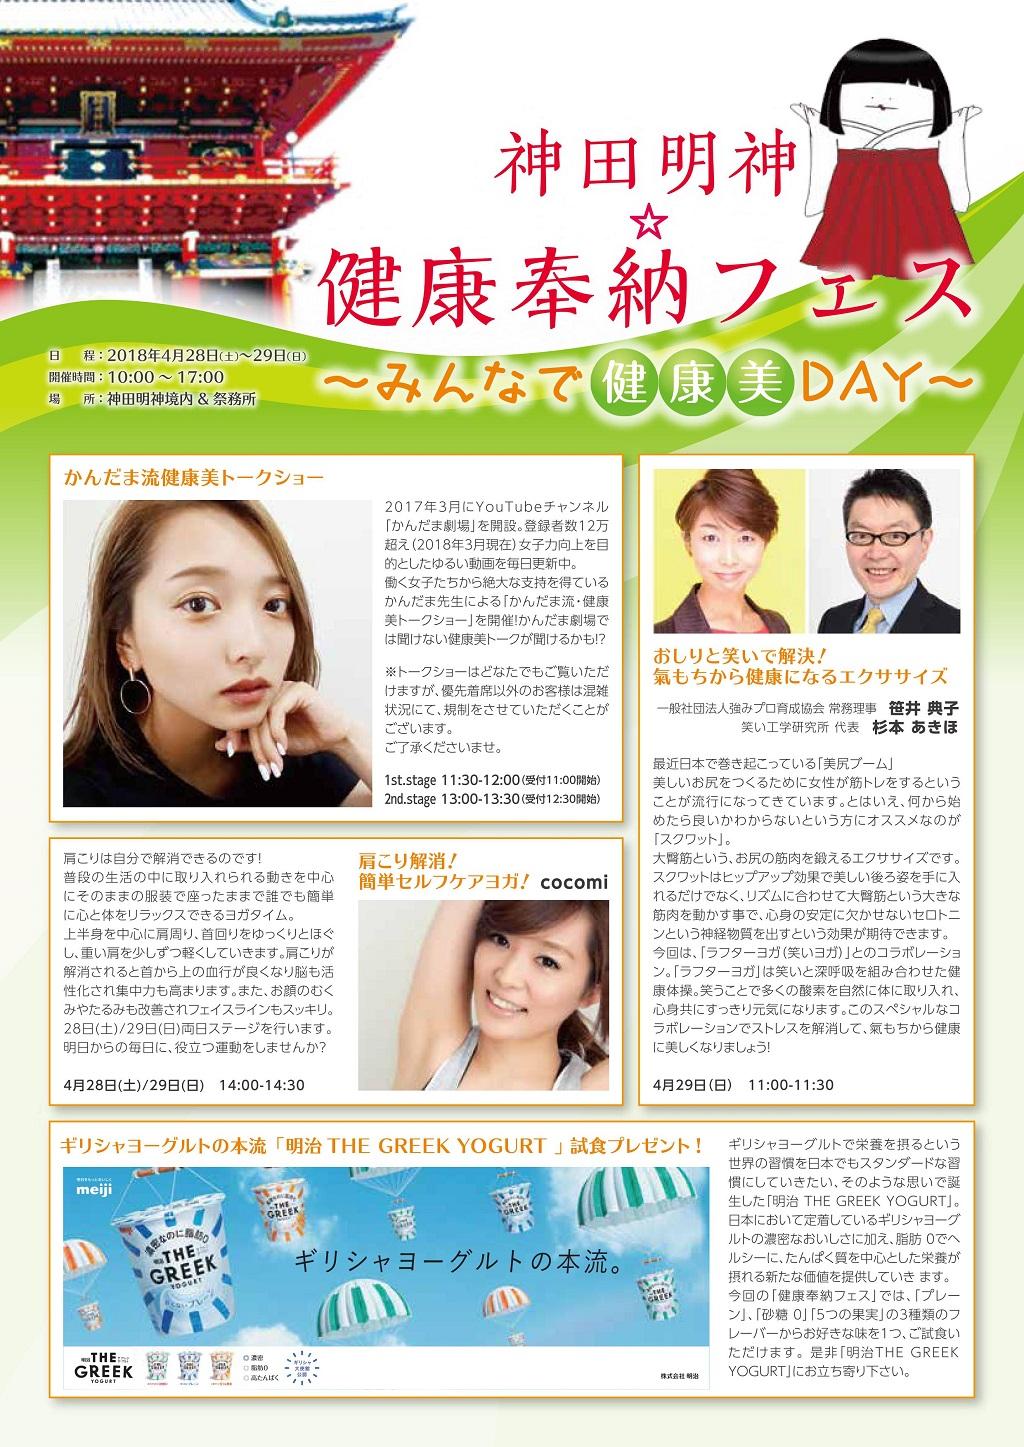 神田明神の健康奉納フェス「みんなで健康美DAY」